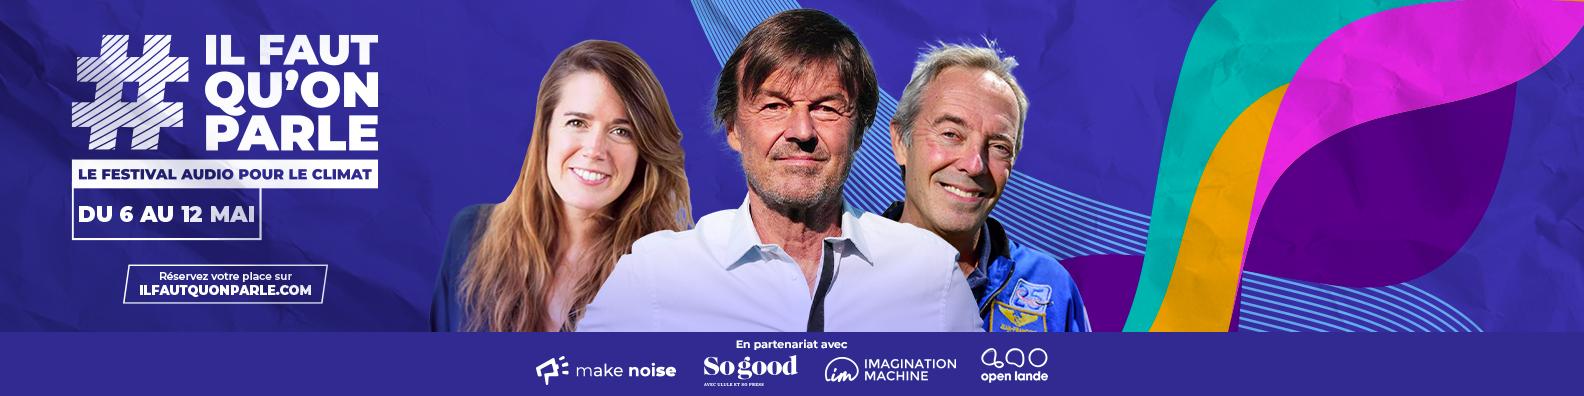 #ilfautquonparle festival audio pour le climat avec Nicolas Hulot, Adèle Galey et Jean-François Clervoy